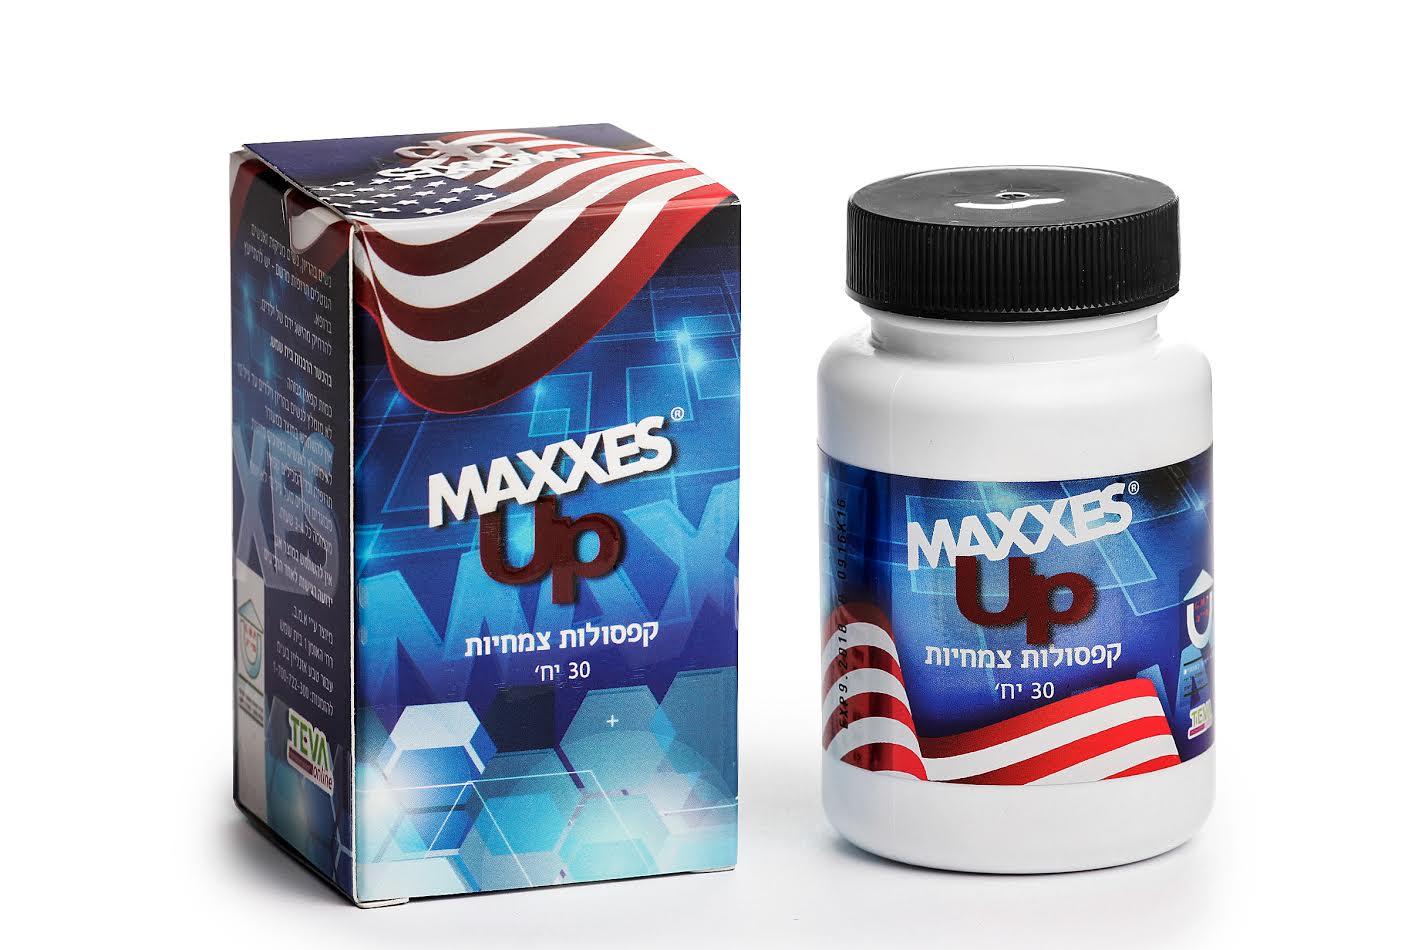 קפסולות MAXXES UP לחיזוק האון ושיפור הזיקפה